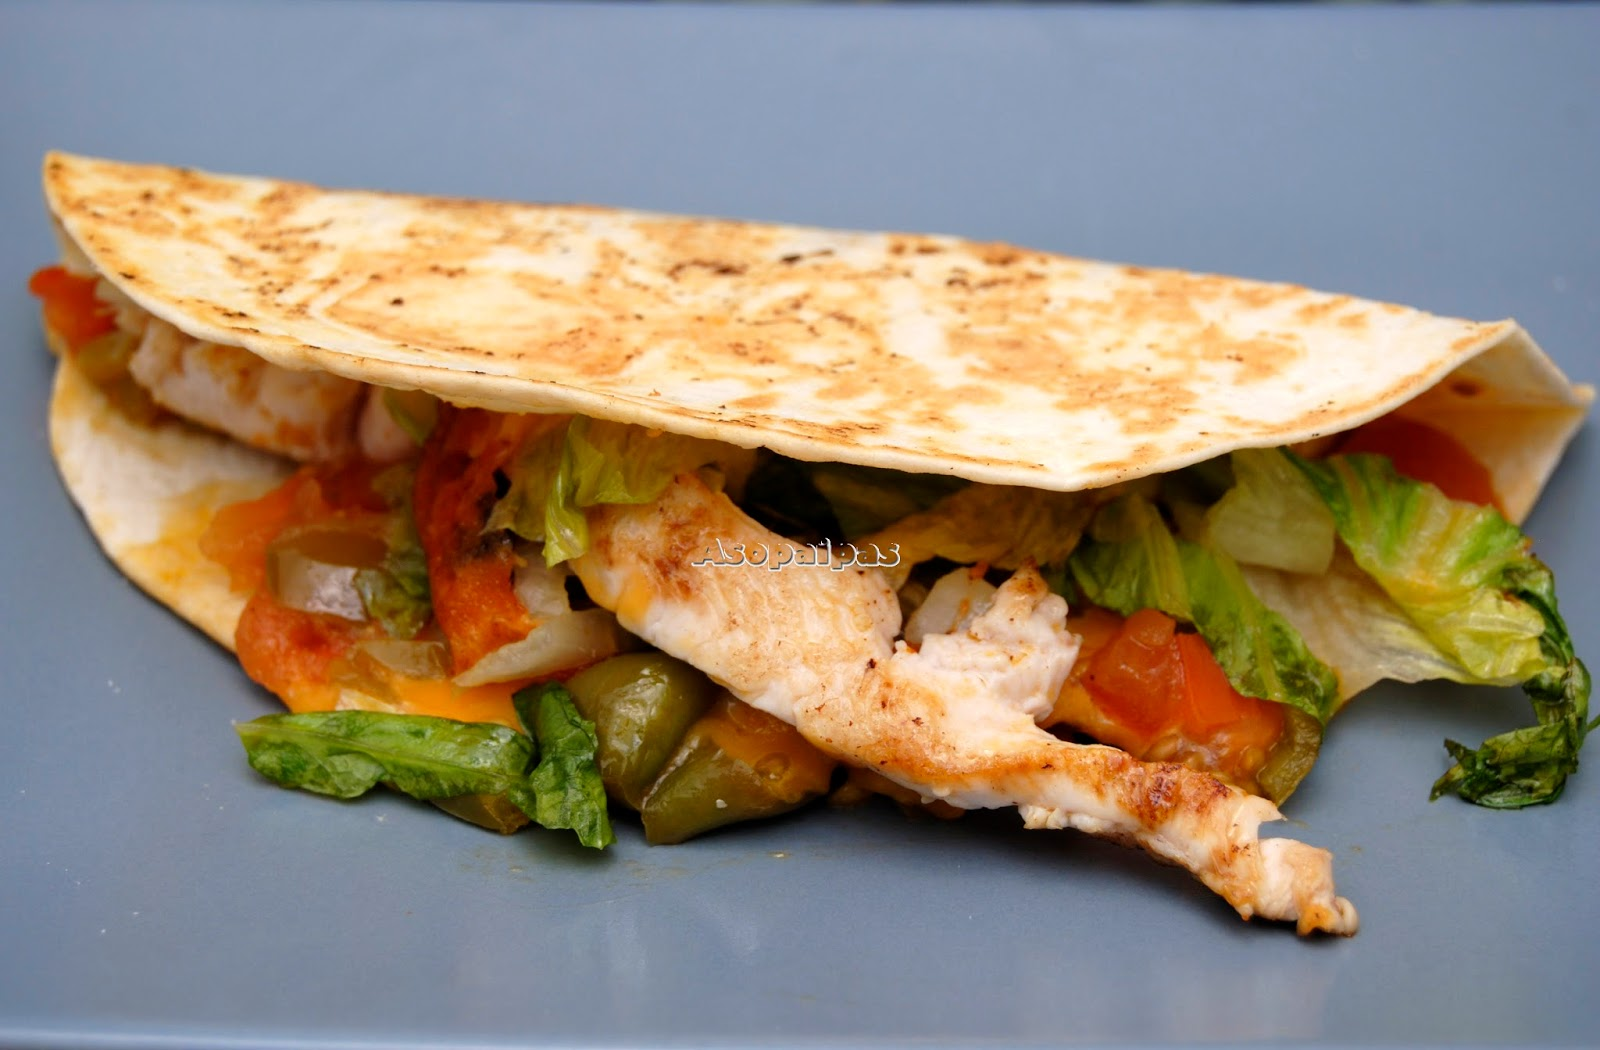 Tacos de Pollo y Queso Cheddar